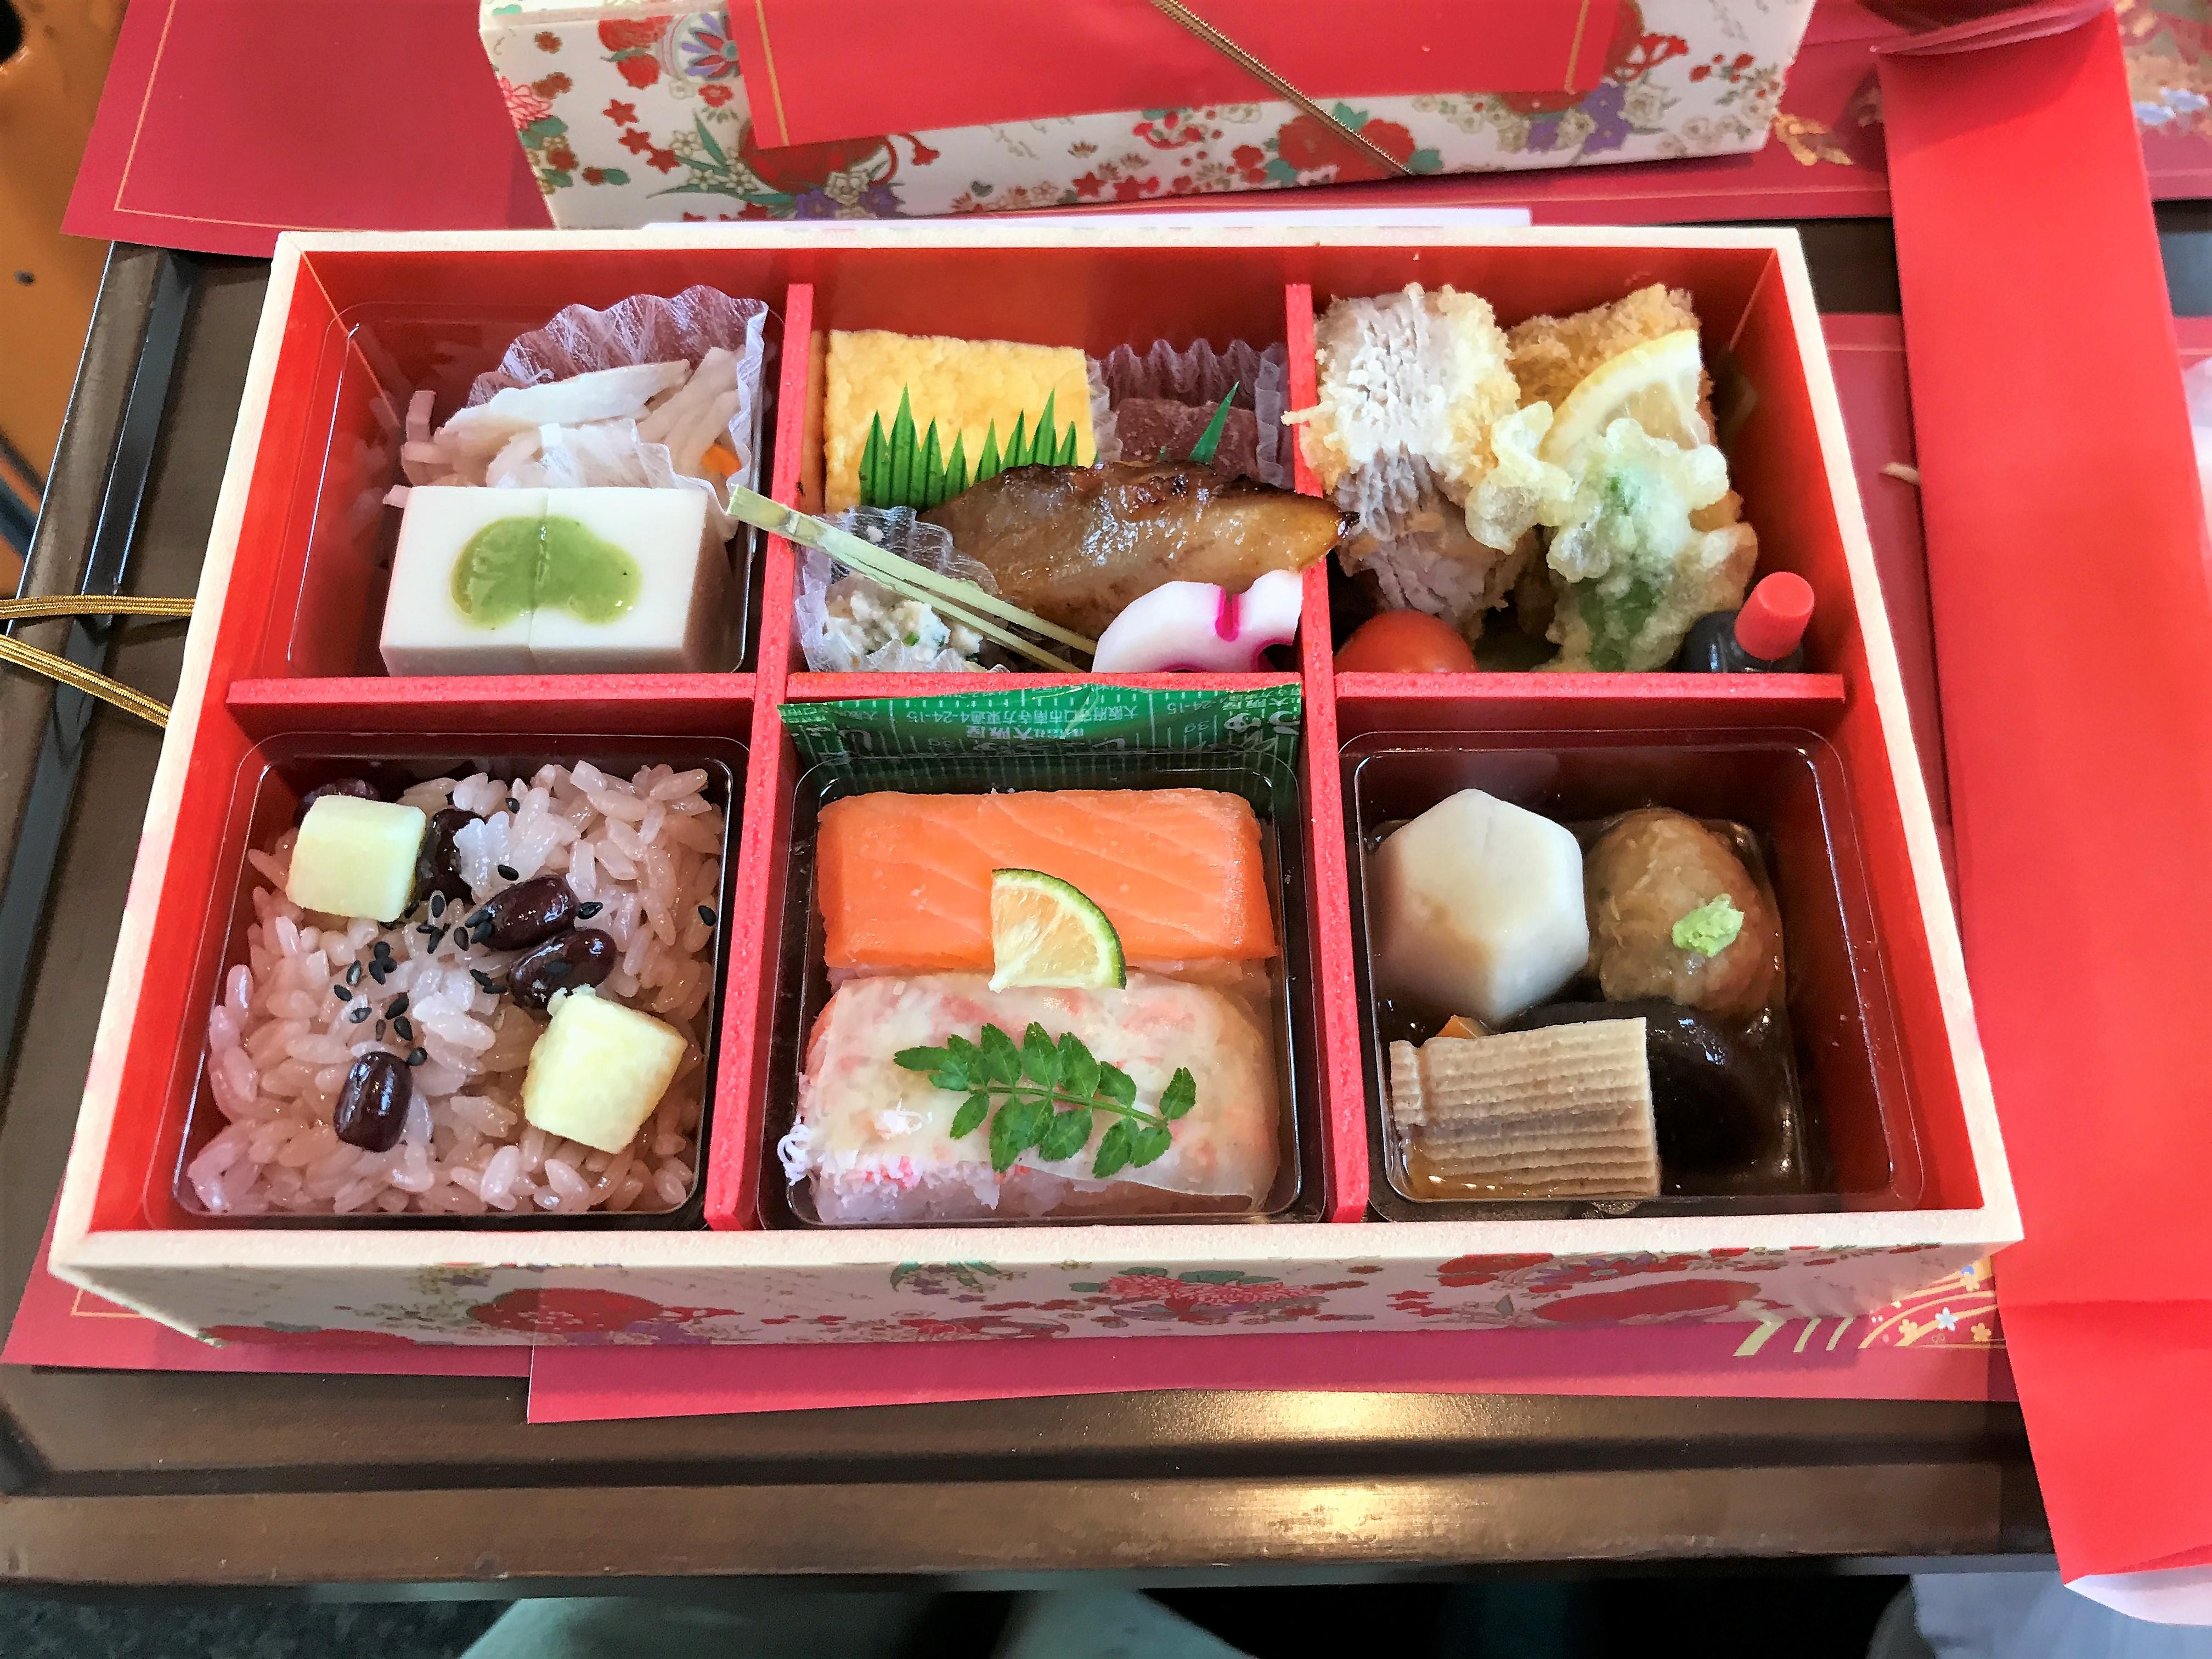 http://n-ko.jp/staffblog/2018/01/13/20171231_033315236_iOS%20%282%29.jpg